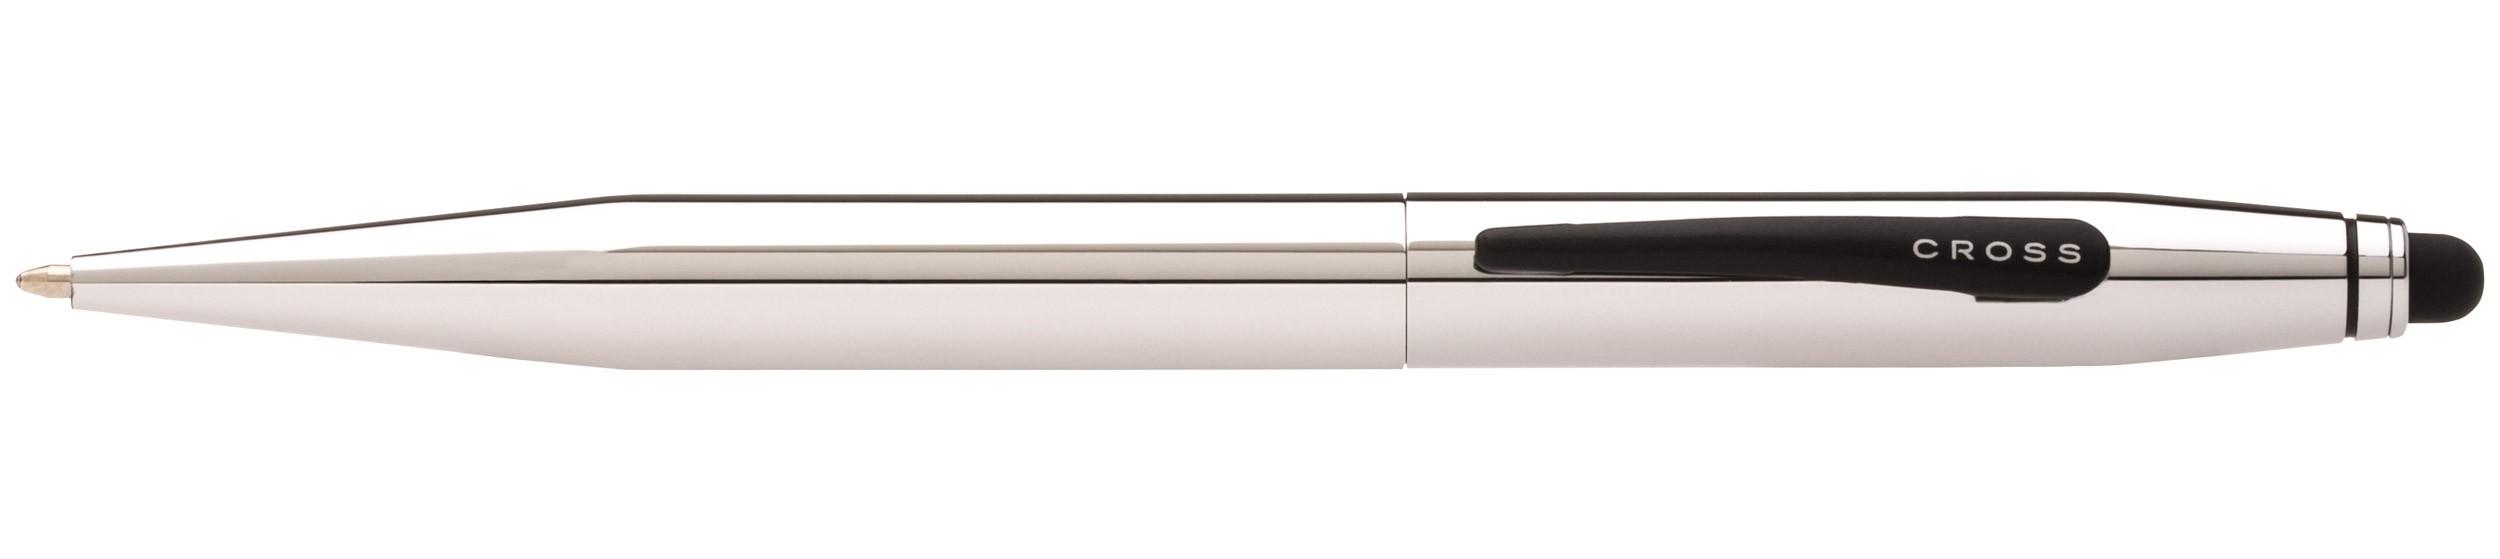 Шариковая ручка Cross Tech2